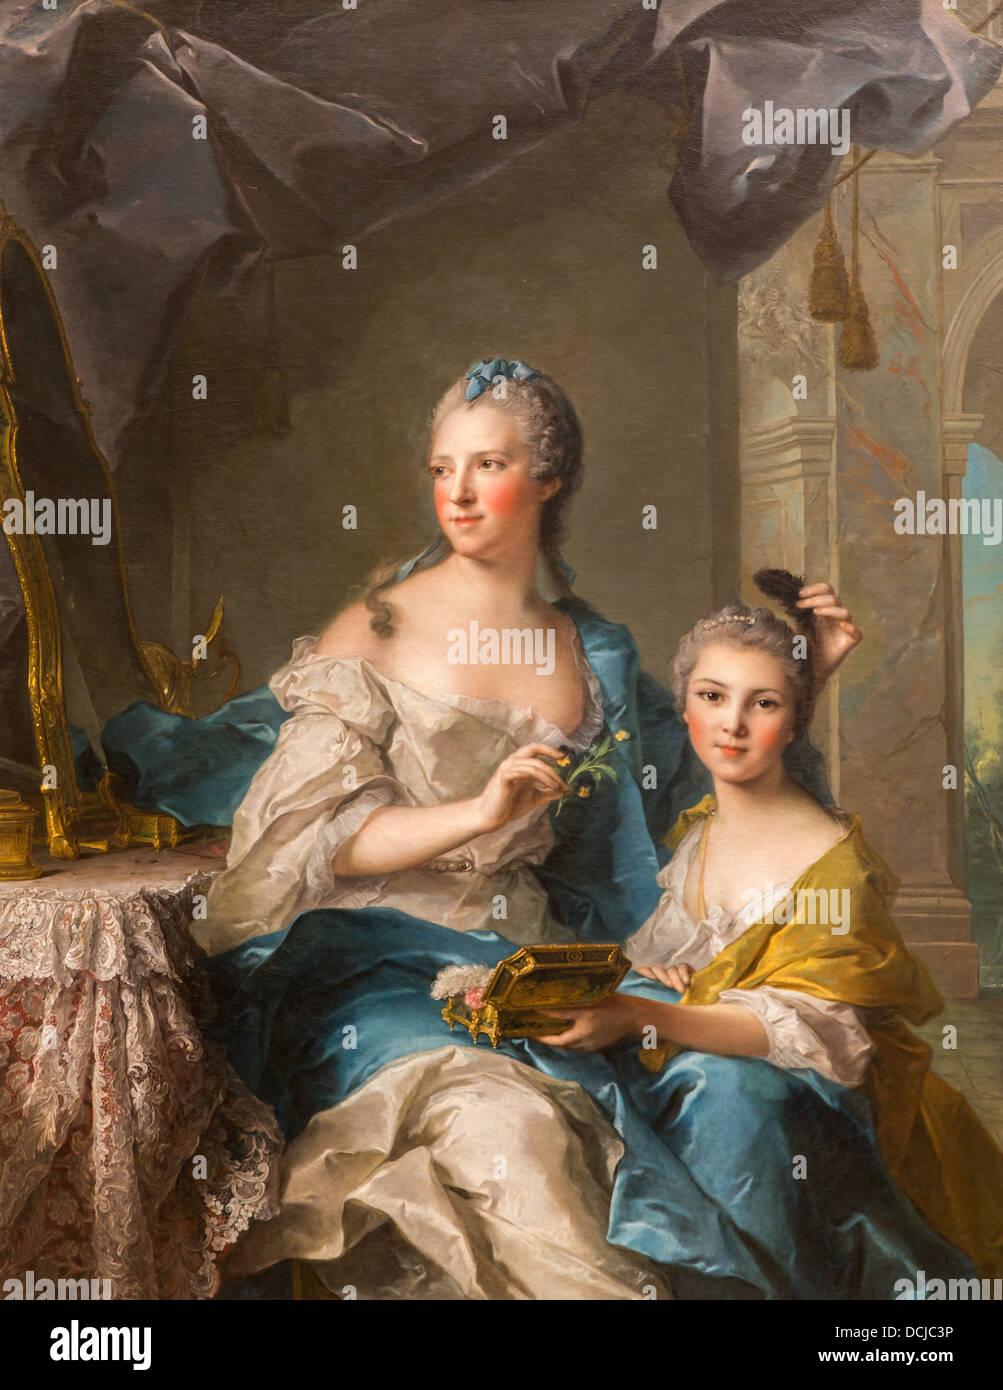 Il XVIII secolo - Madame Marsollier e sua sorella,1749 - Jean Marc Nattier Philippe Sauvan-Magnet / Museo attivo Immagini Stock